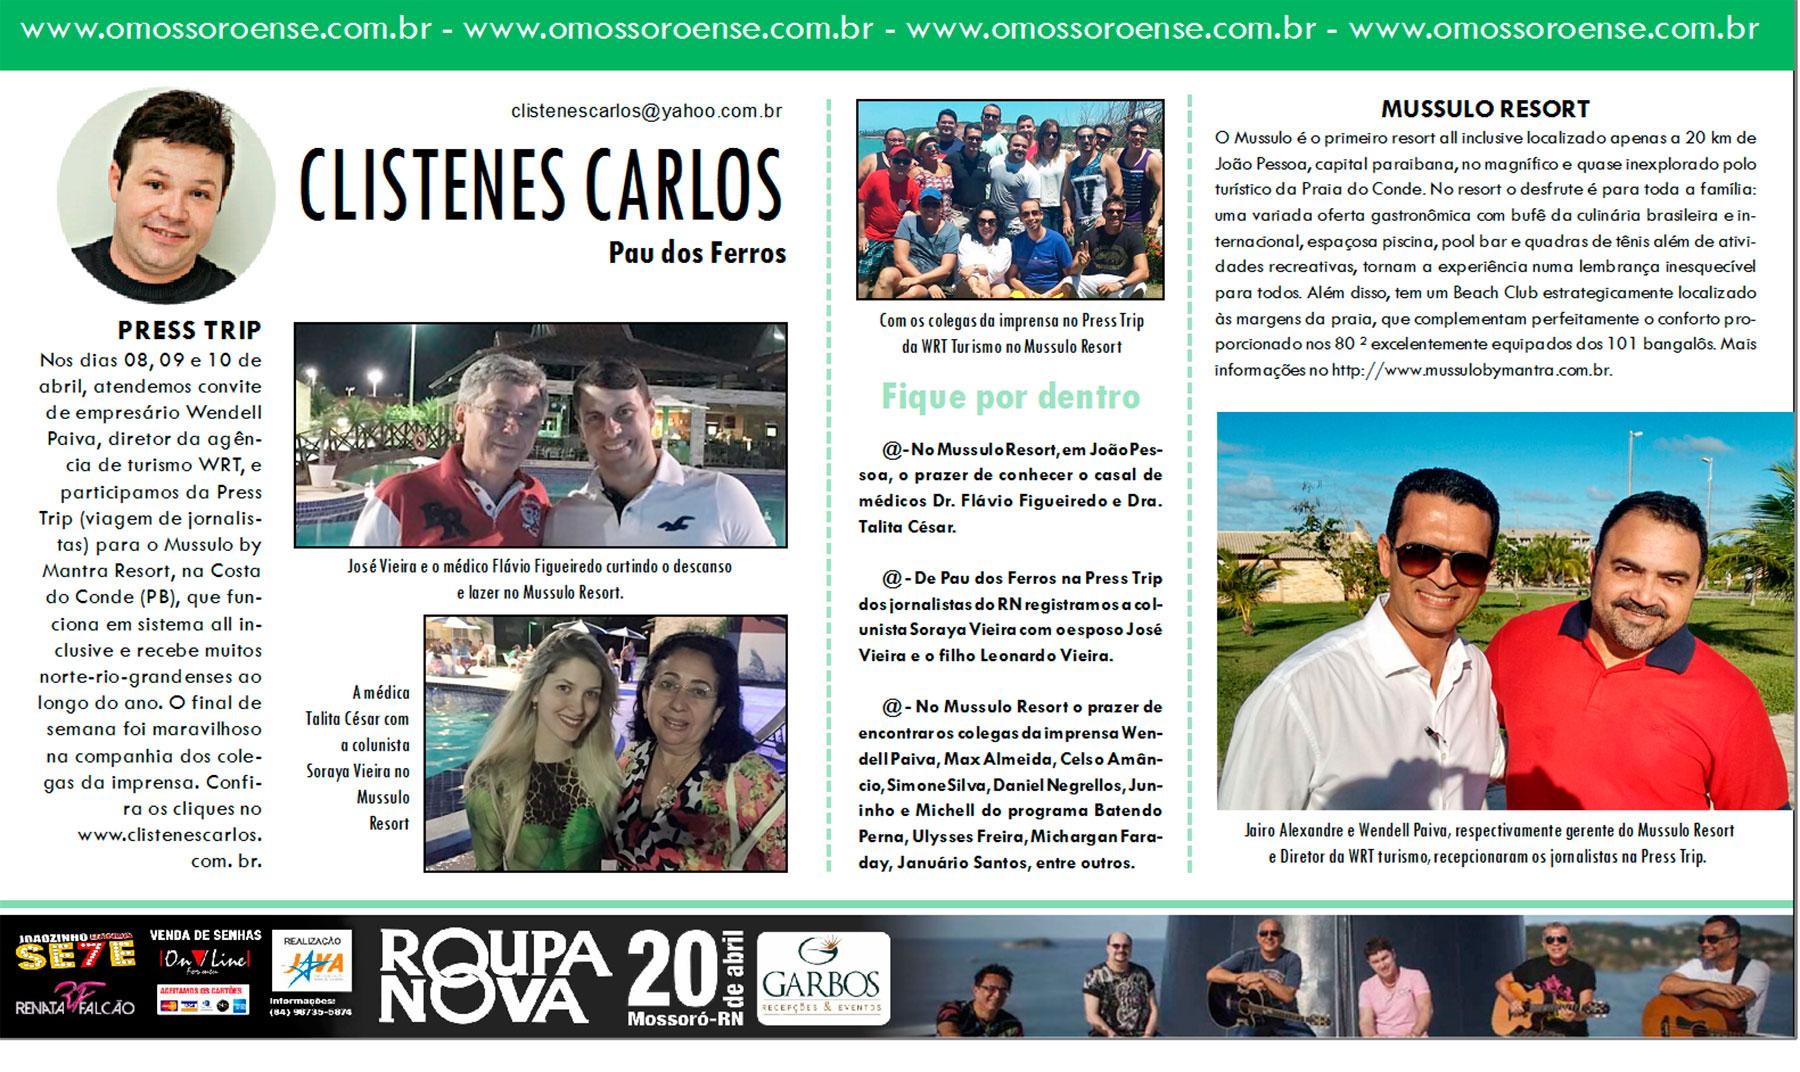 CLISTENES-CARLOS-15-04-2016